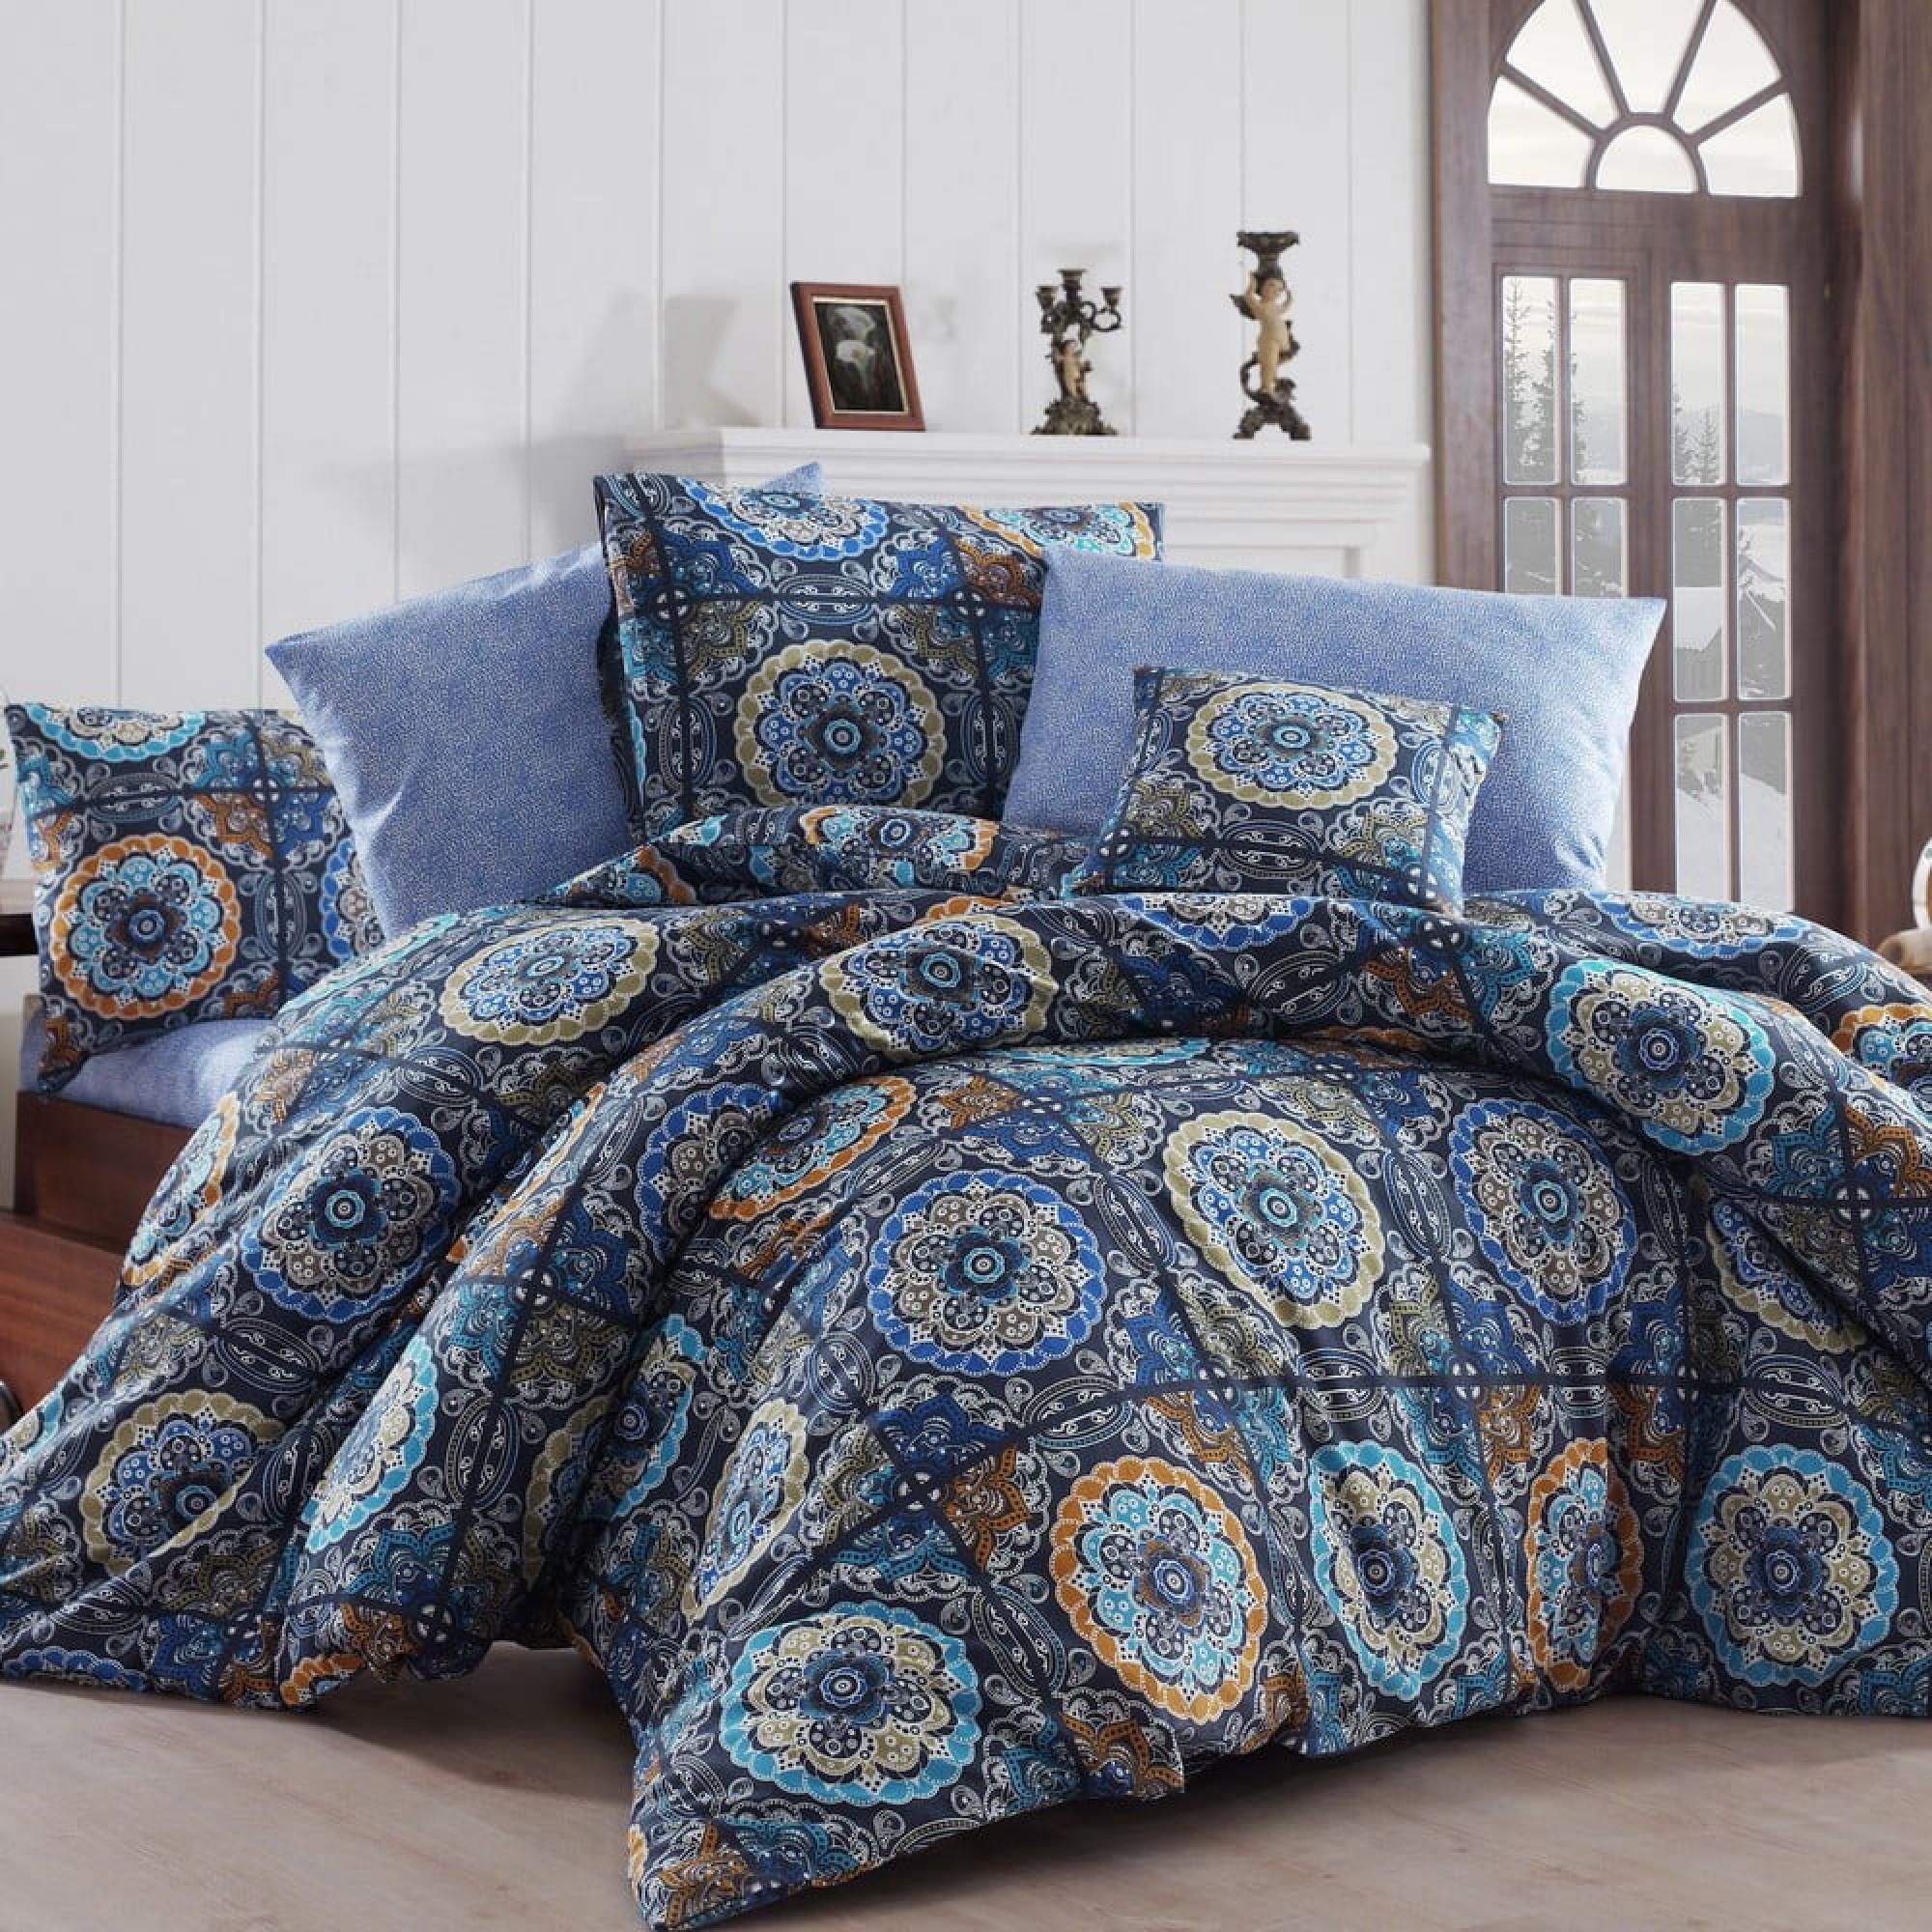 Modré obliečky s výrazným vzorom